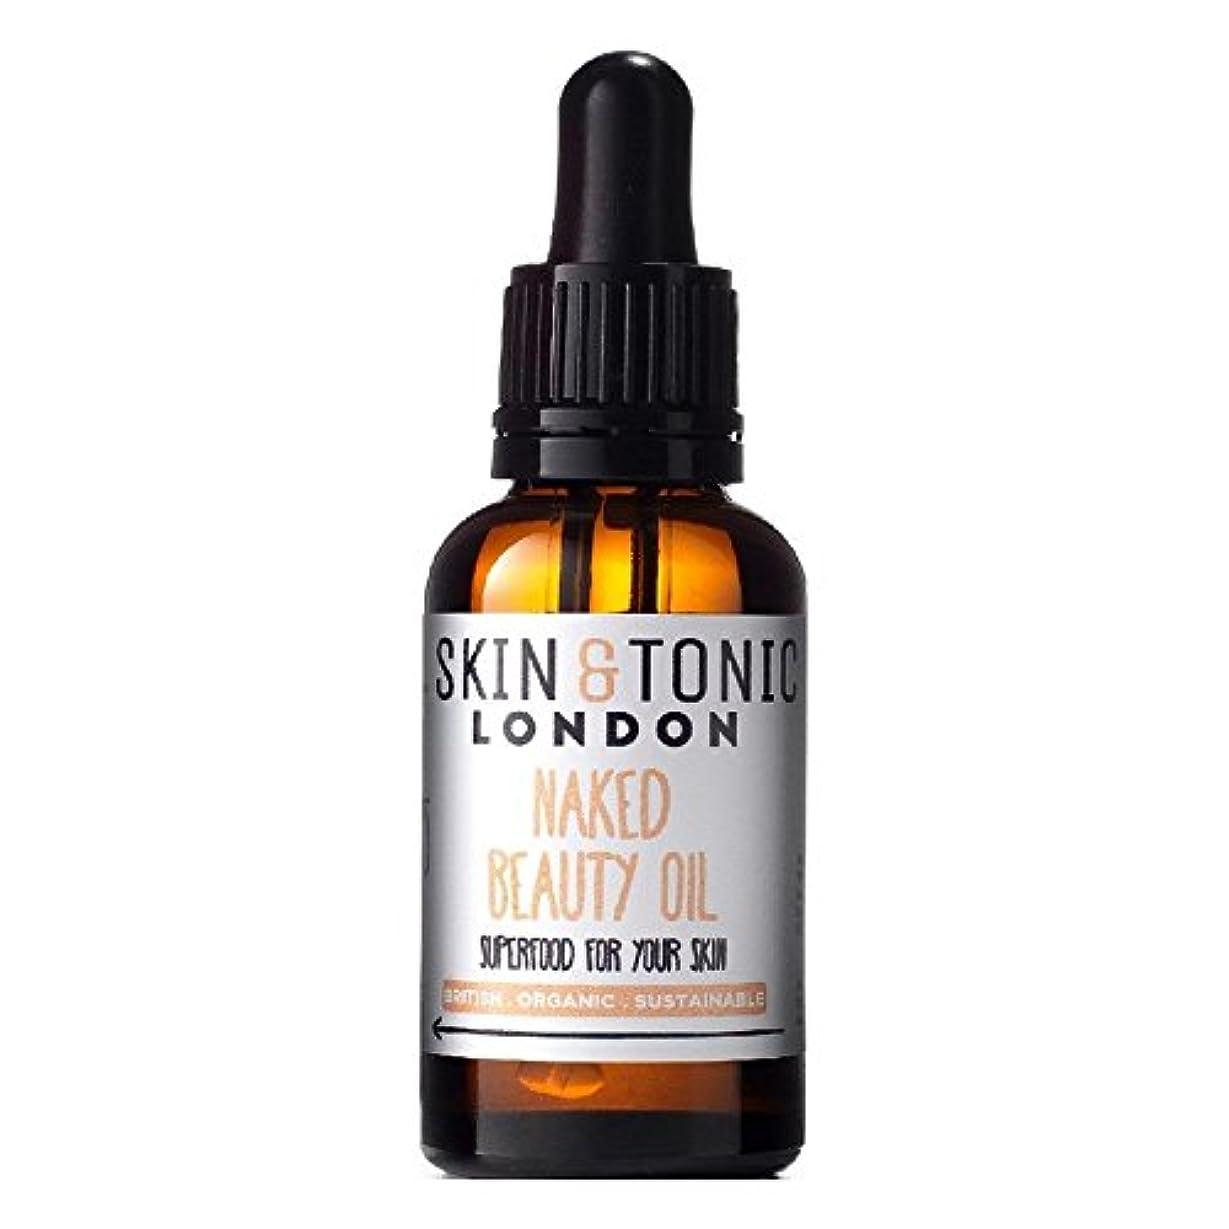 ホームレスルート資本スキン&トニックロンドン裸の美容オイル30ミリリットル x4 - Skin & Tonic London Naked Beauty Oil 30ml (Pack of 4) [並行輸入品]